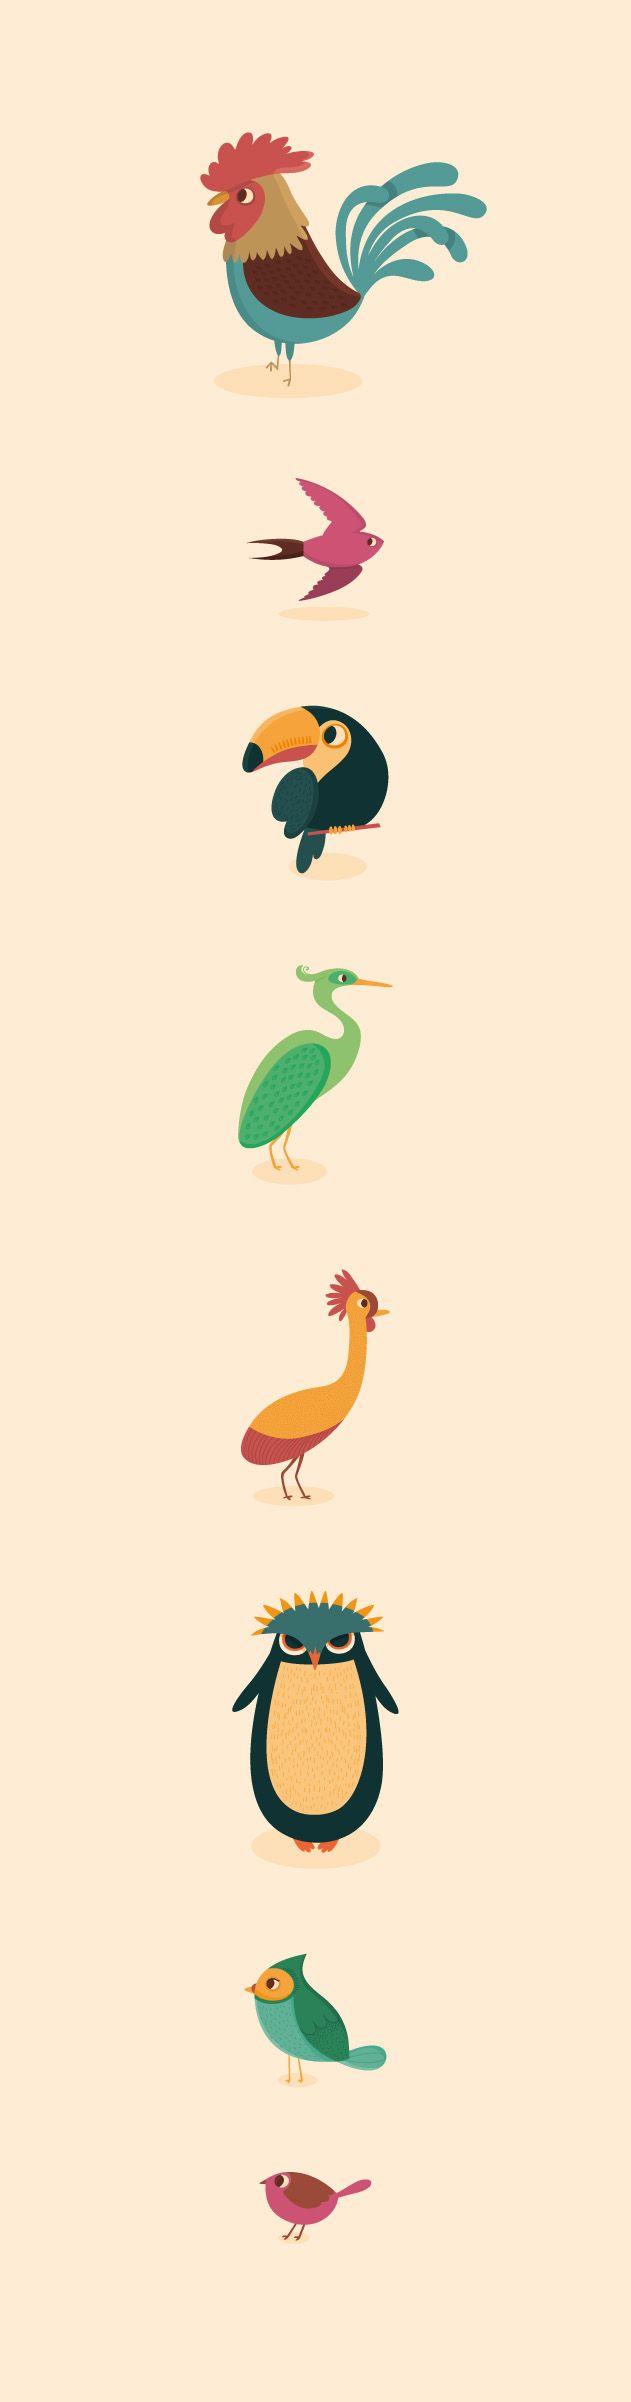 Clasificación de aves y peces del mundo. Este es un proyecto creado por iniciativa propia, sin más propósito que divertirme.